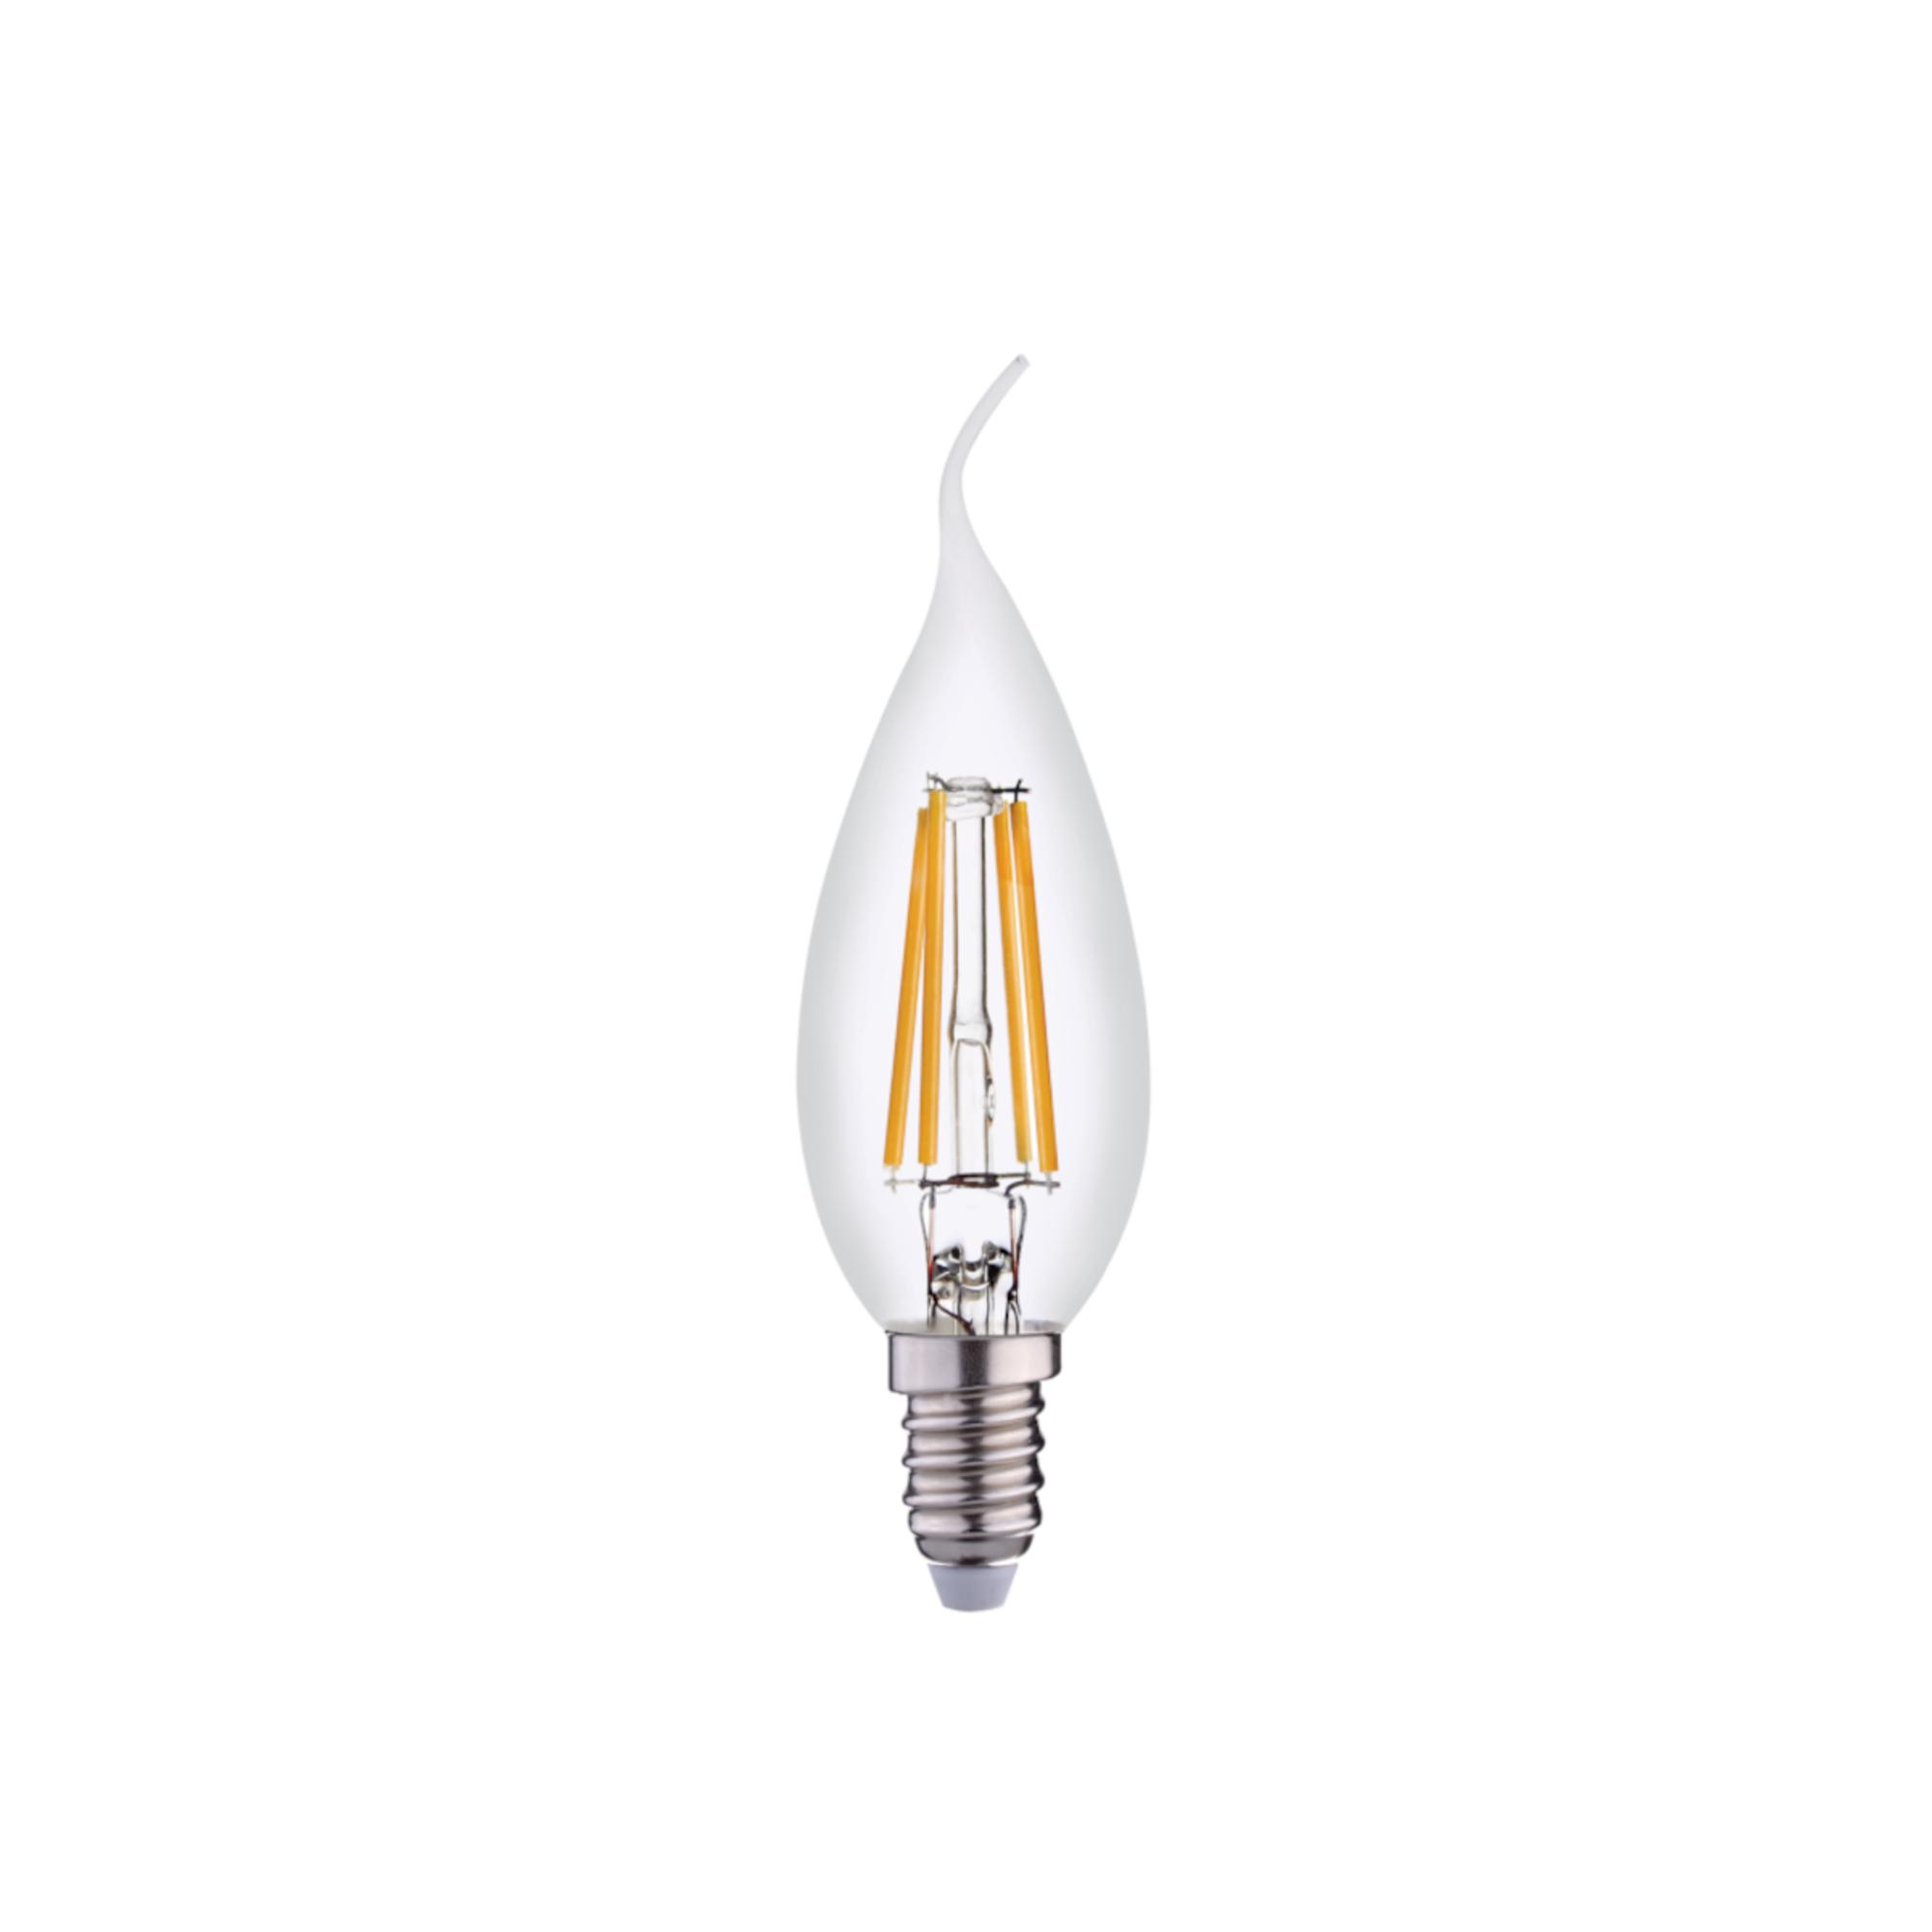 Светодиодная лампочка Фотон 23412 E14 460 Лм 4 Вт